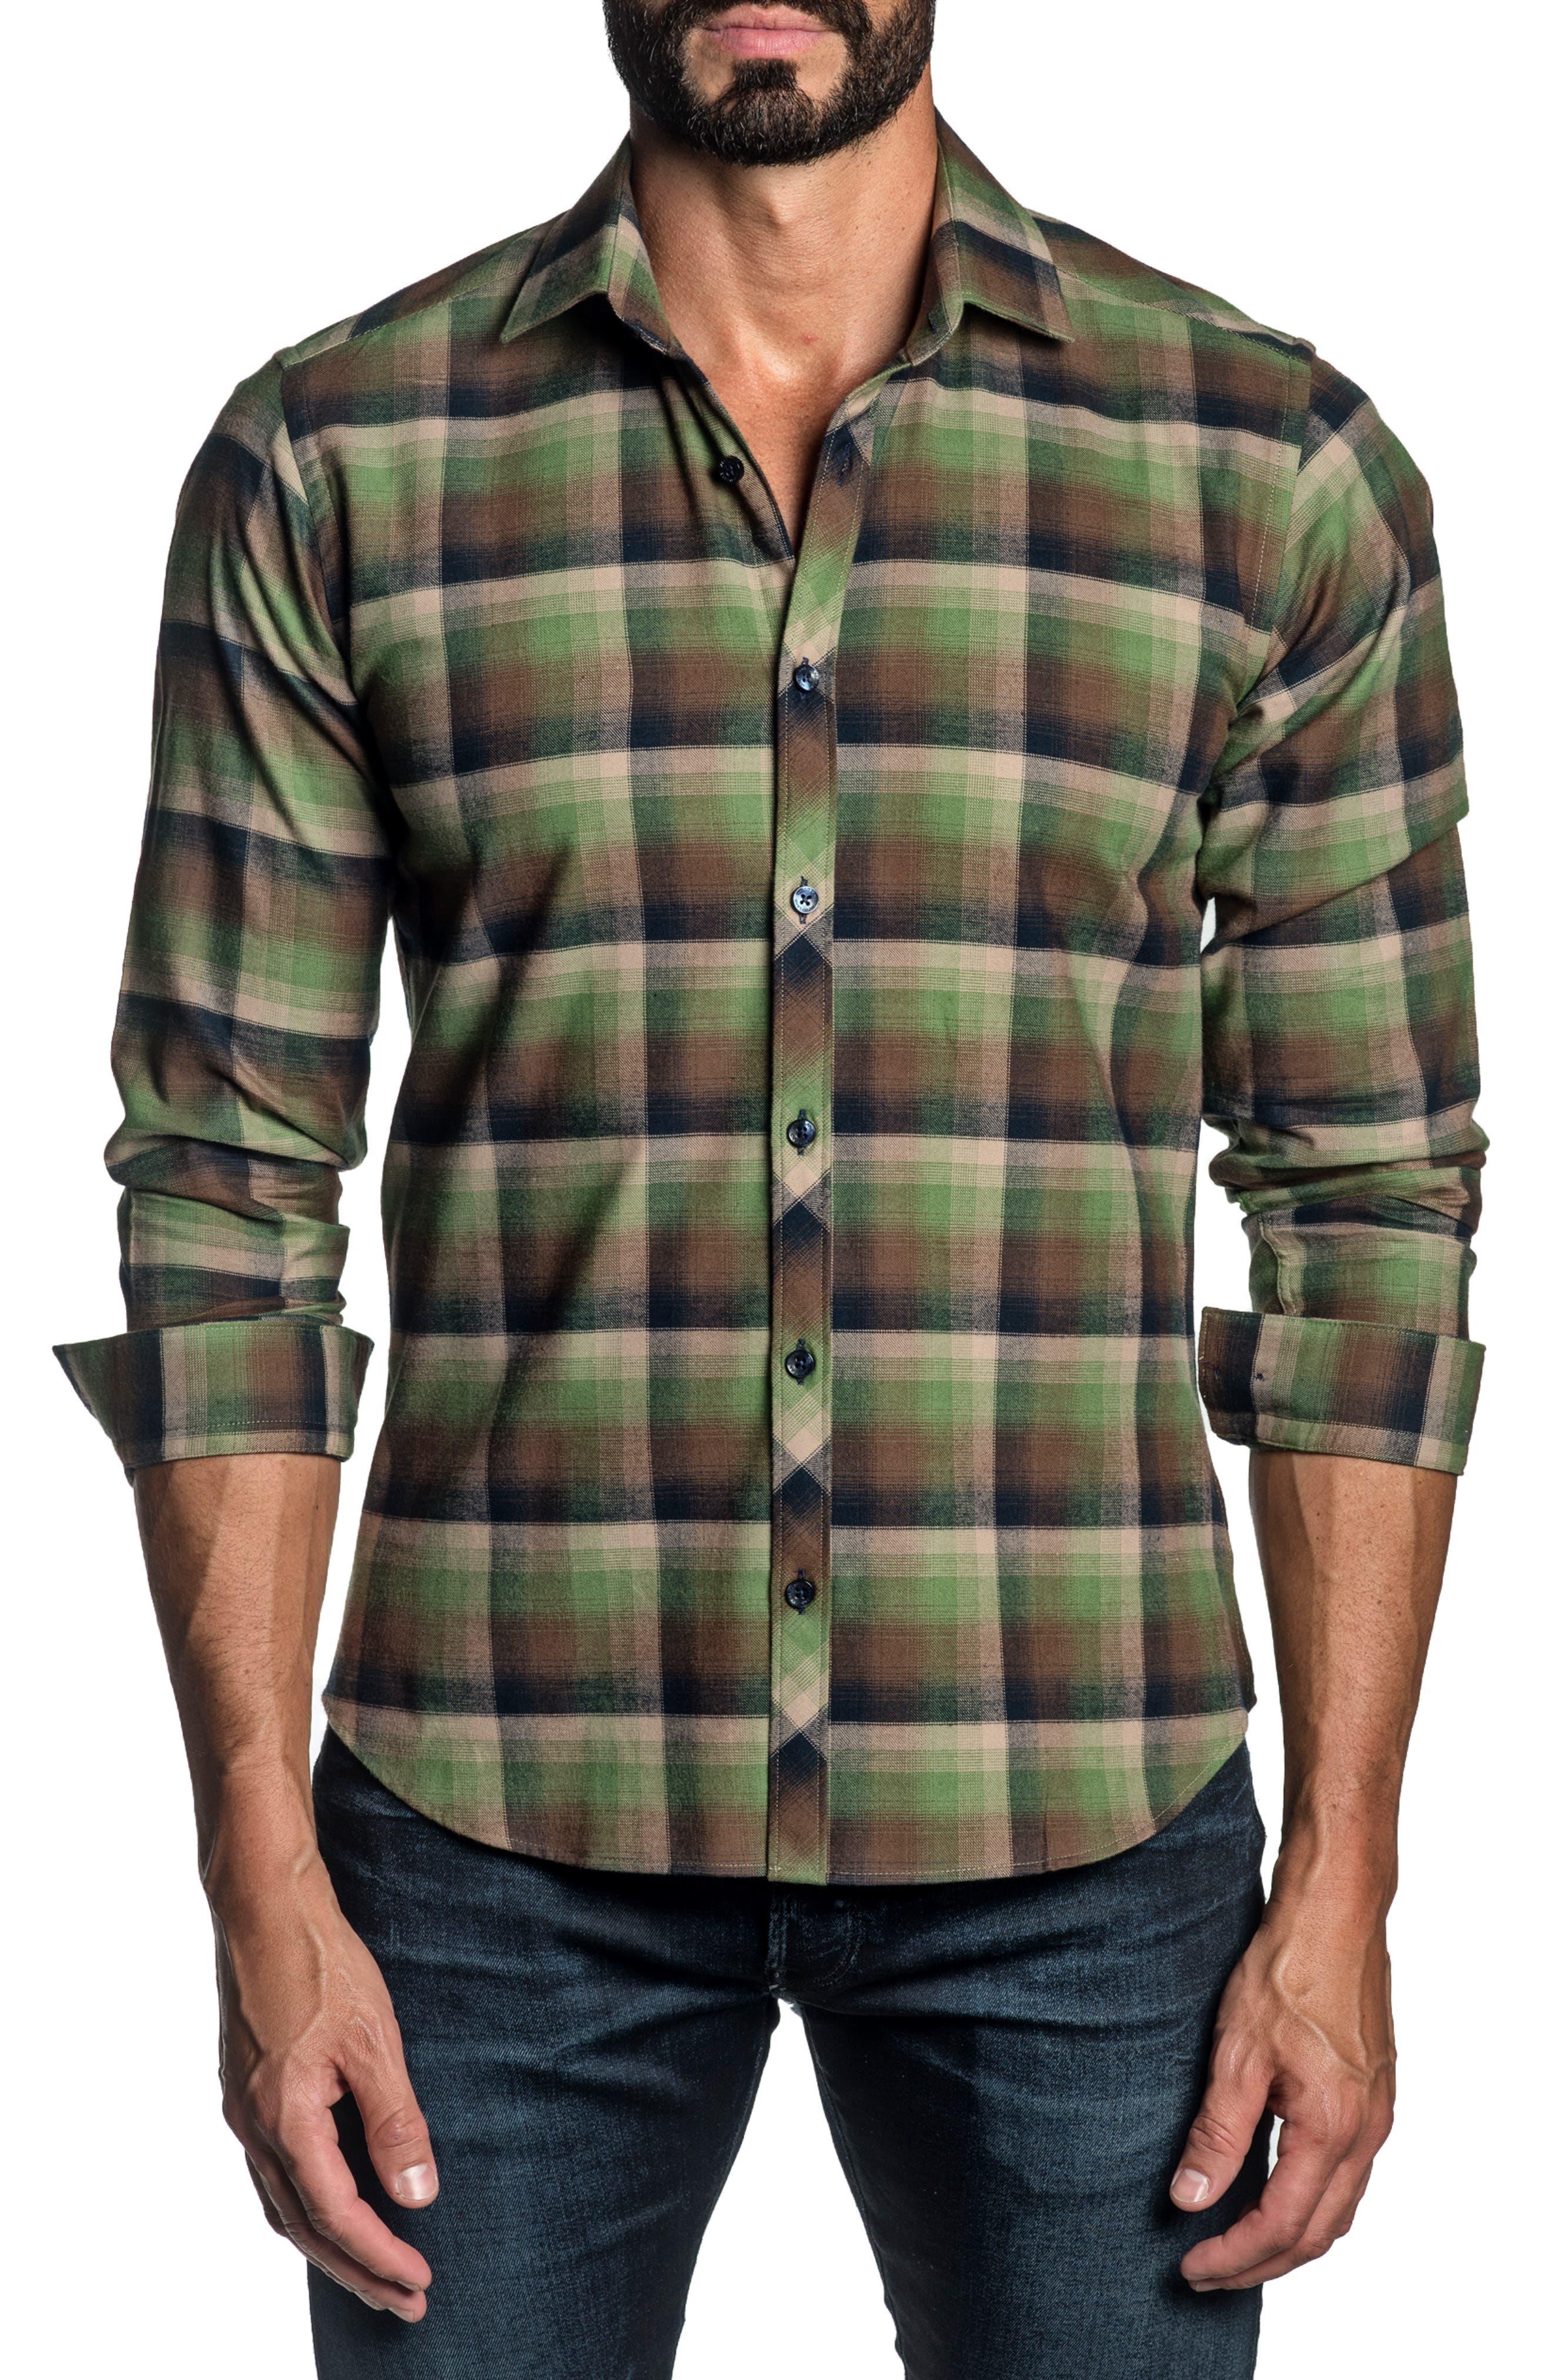 Regular Fit Plaid Button-Up Shirt